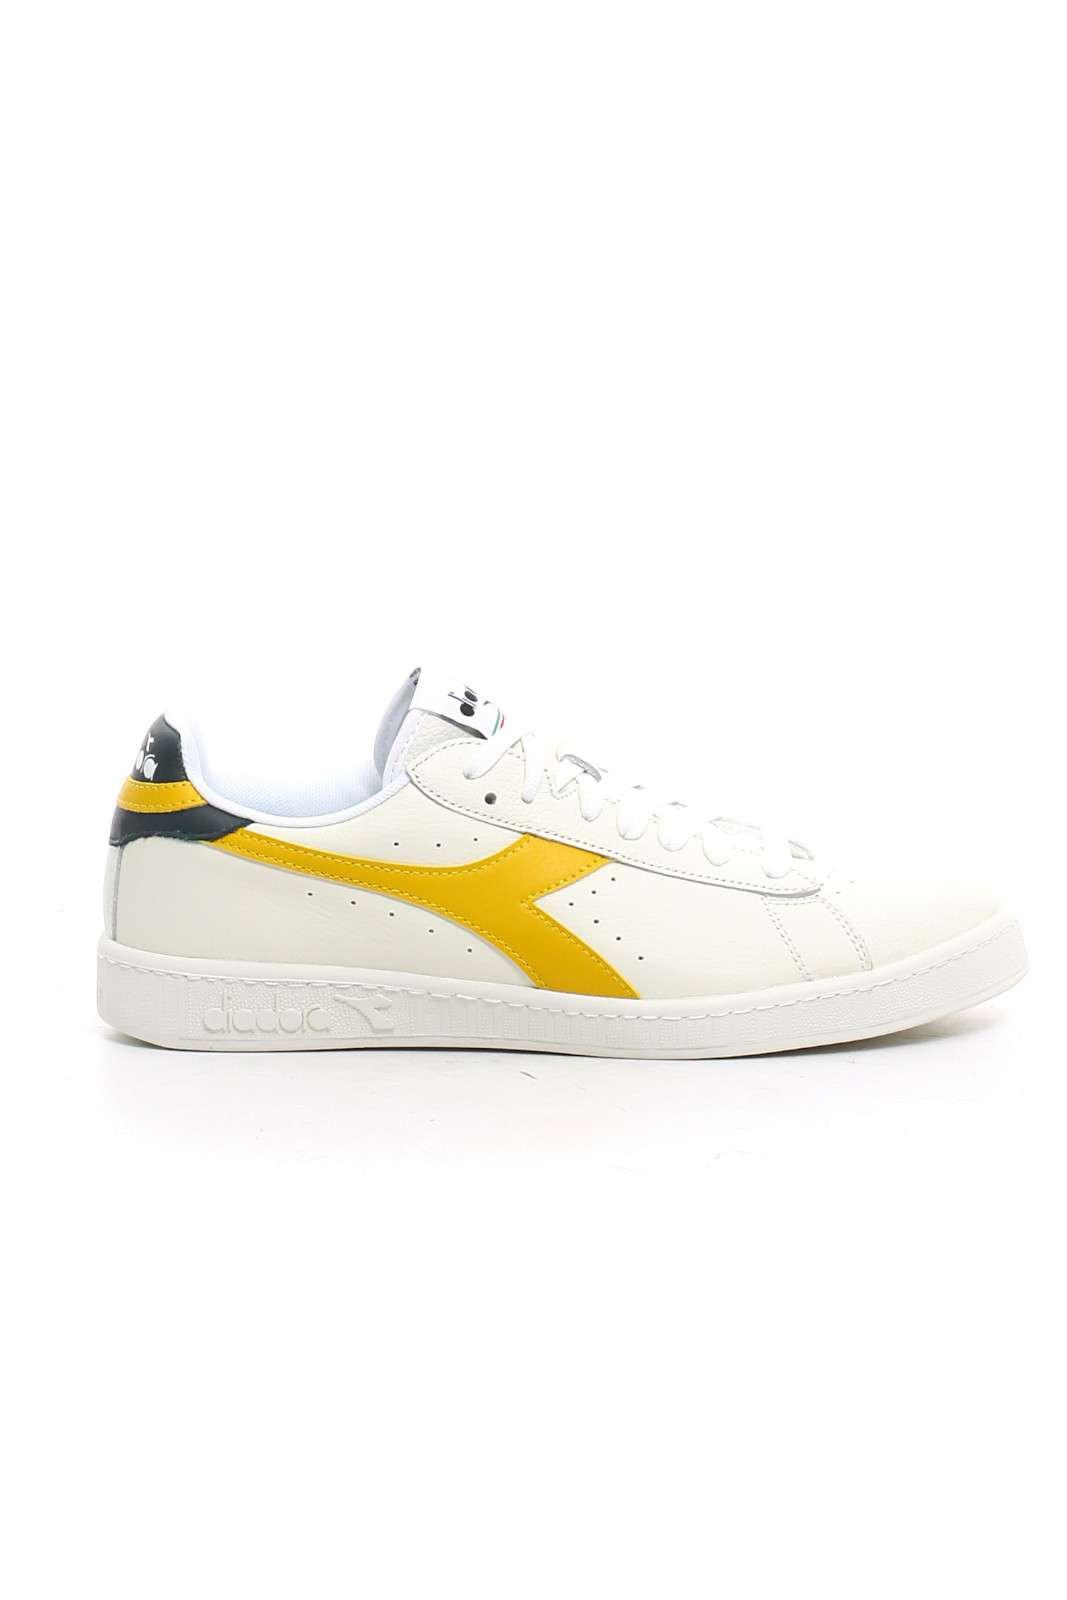 Una sneakers unisex quella proposta dalla collezione Diadora. Da indossare tutti i giorni per la sua comodità e leggerezza. Abbinata ad un outfit sportivo è il massimo.